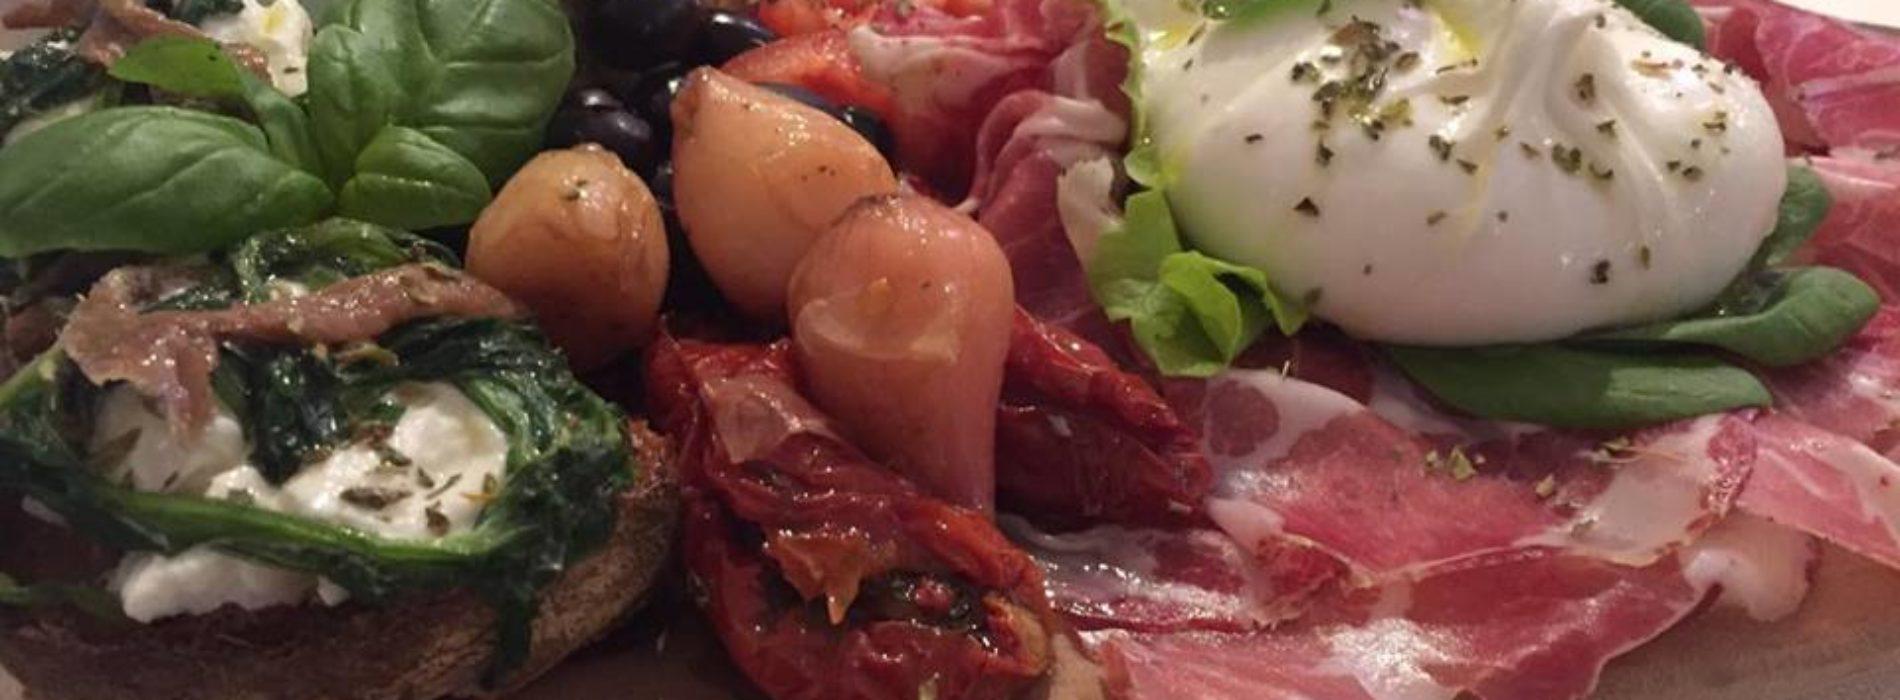 Puglia in Brera Milano, piatti veraci e pasta fresca tra le vie dell'arte